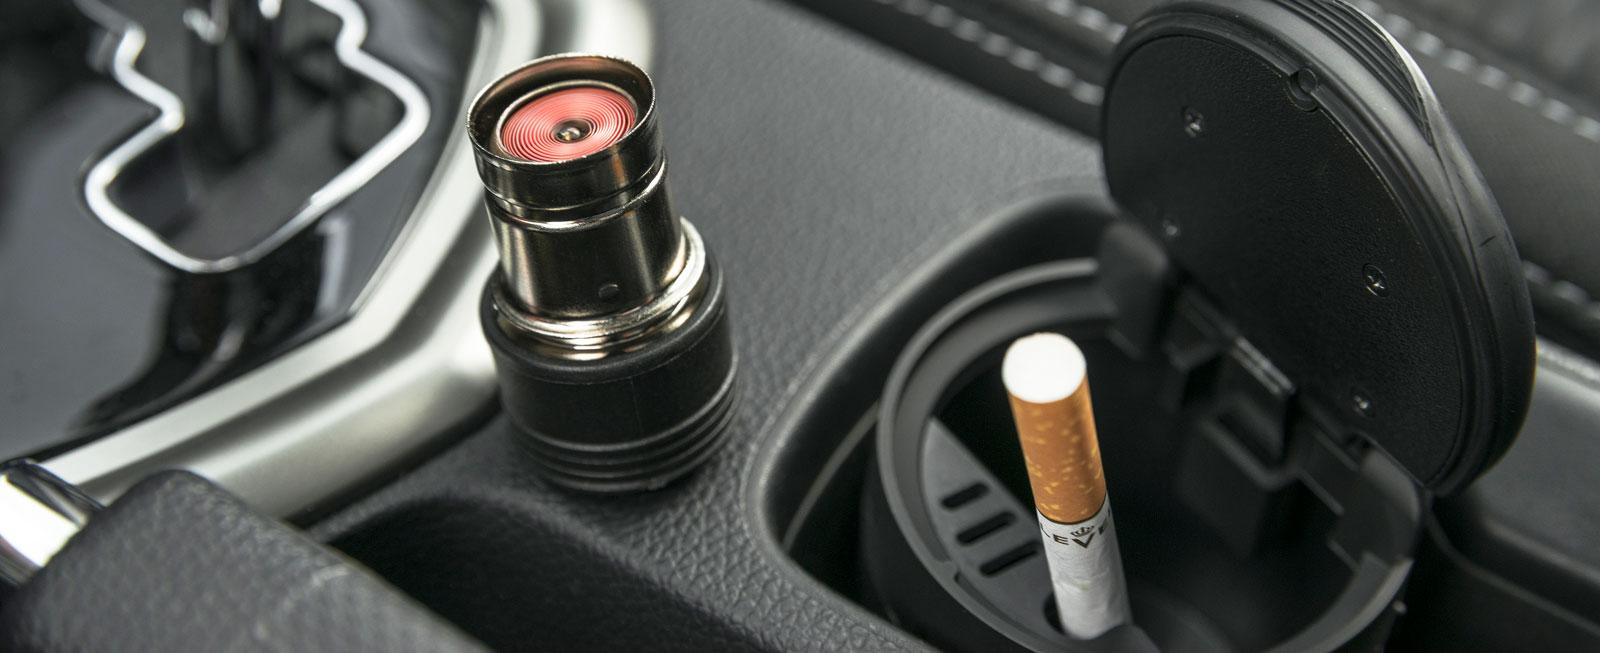 Cigarettändare med tillhörande askkopp var det länge sedan vi såg i en testbil. Men i Tivoli finns det...